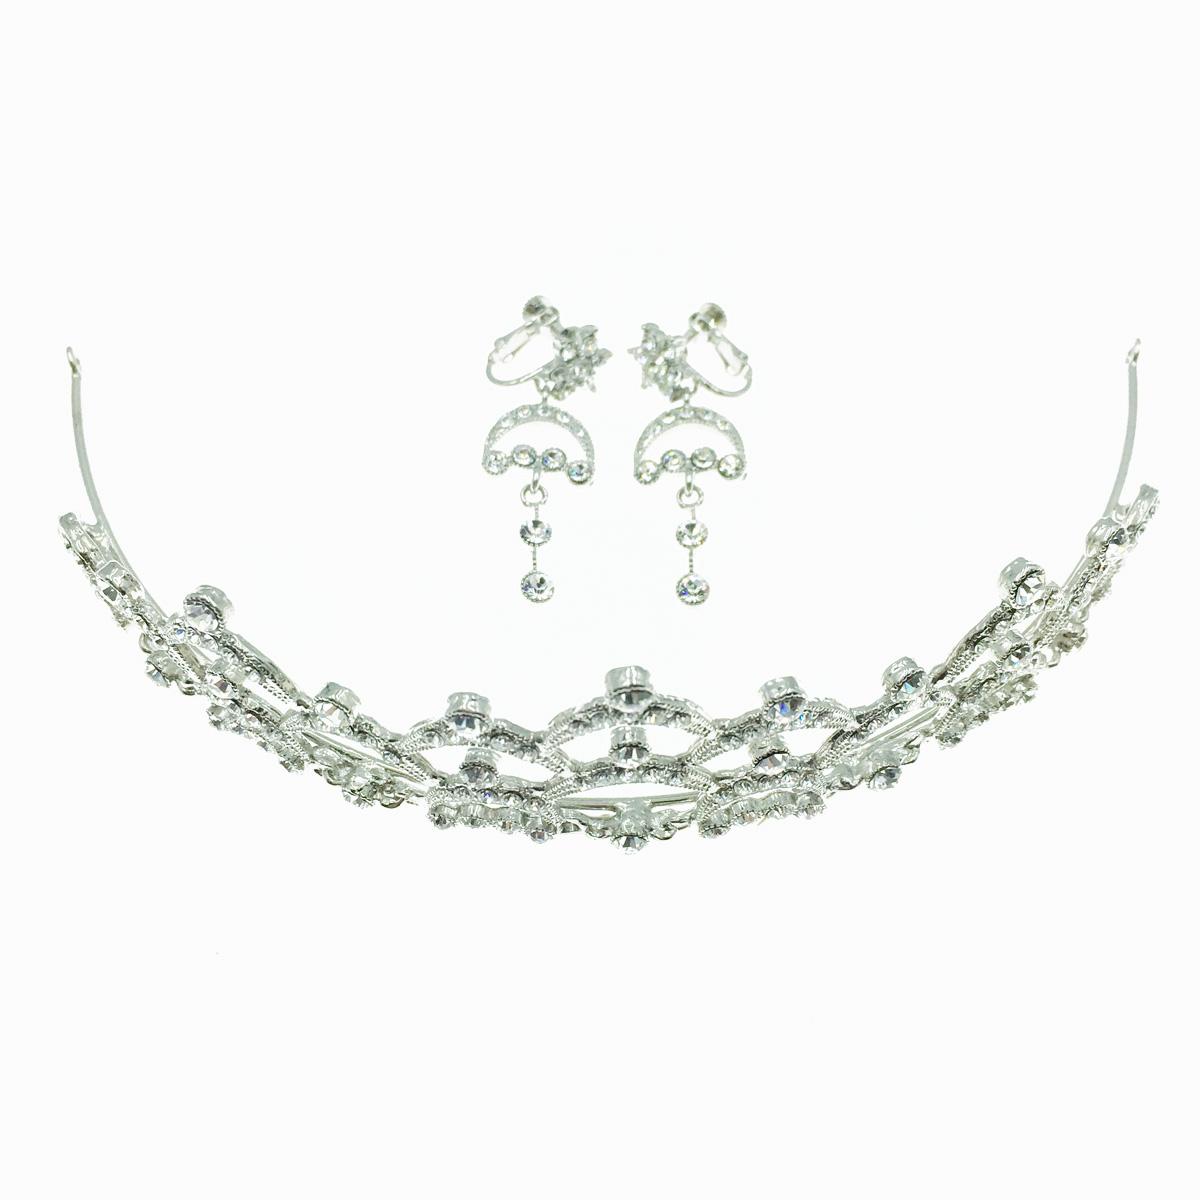 水鑽皇冠 垂墜感夾式耳環 新娘飾品 套組 採用施華洛世奇水晶元素 Crystals from Swarovski